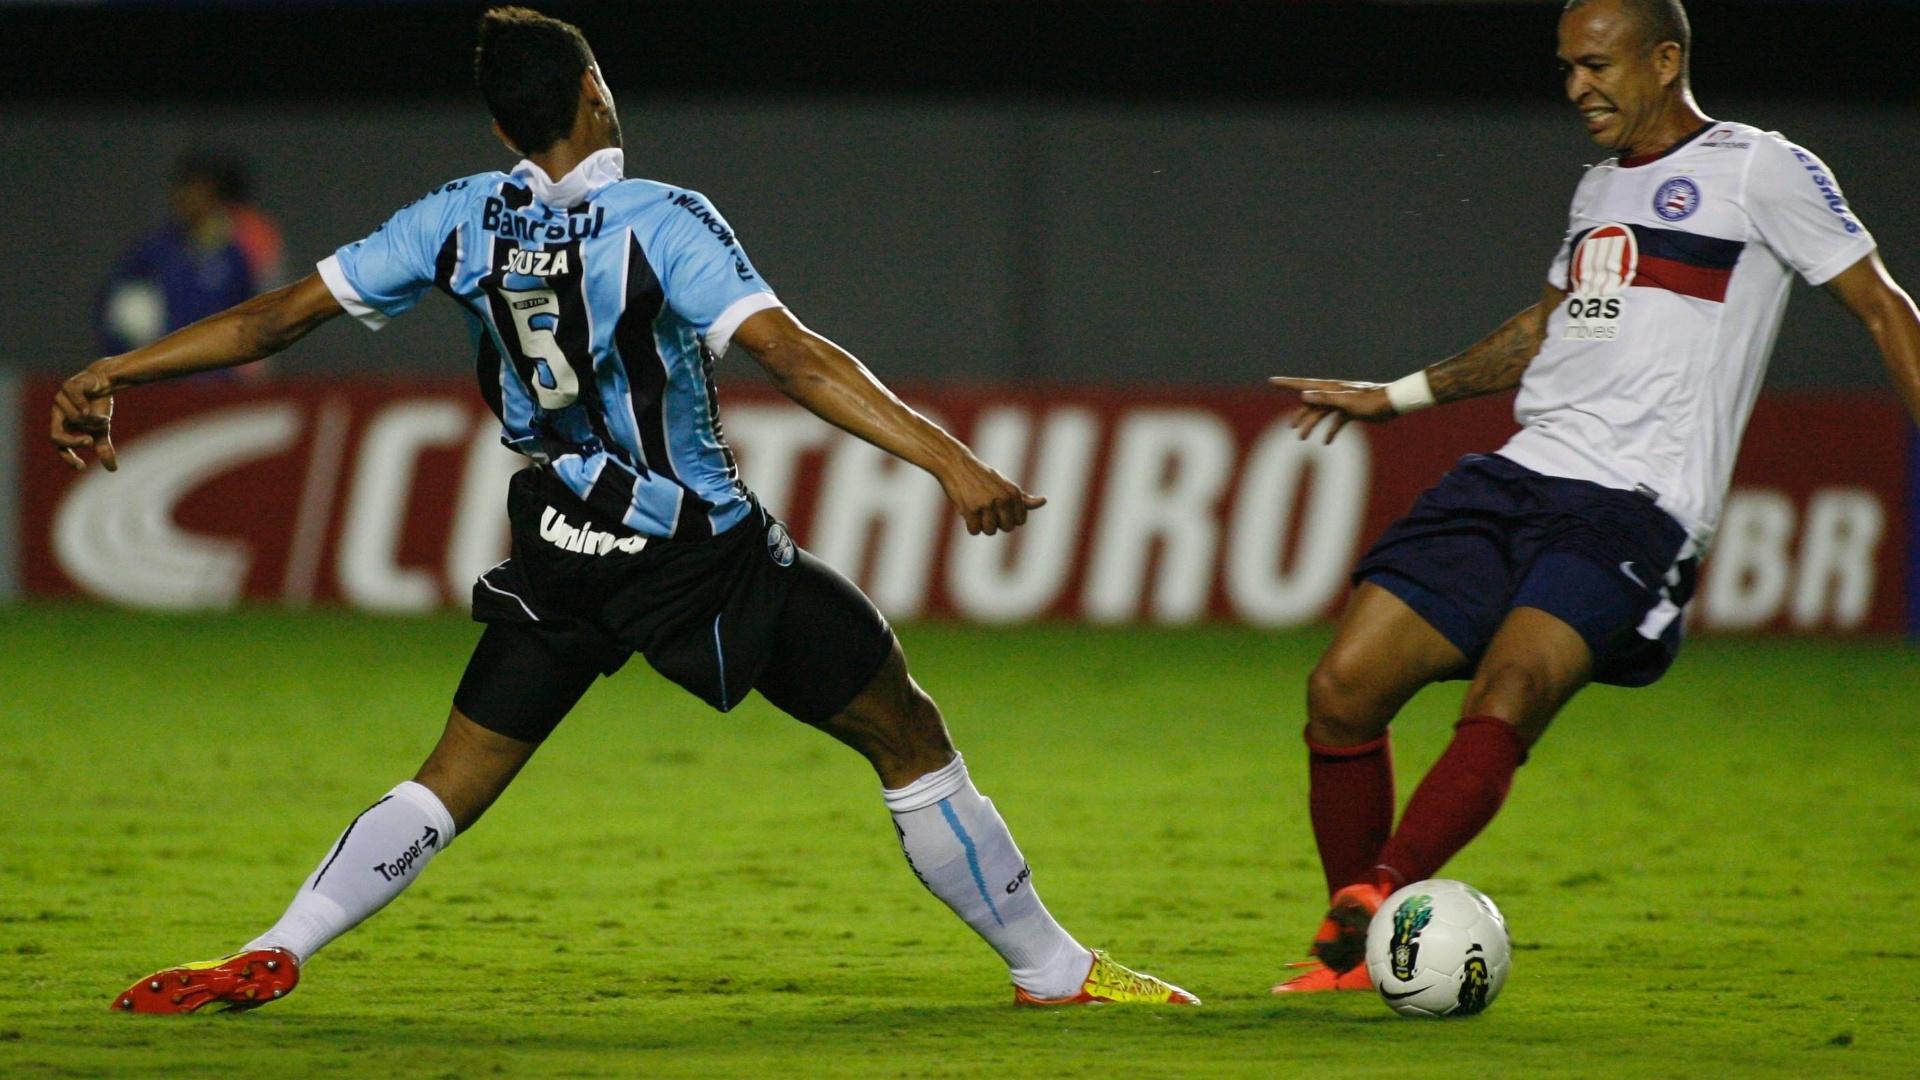 Junior, atacante do Bahia, encara a marcação de Souza, do Grêmio